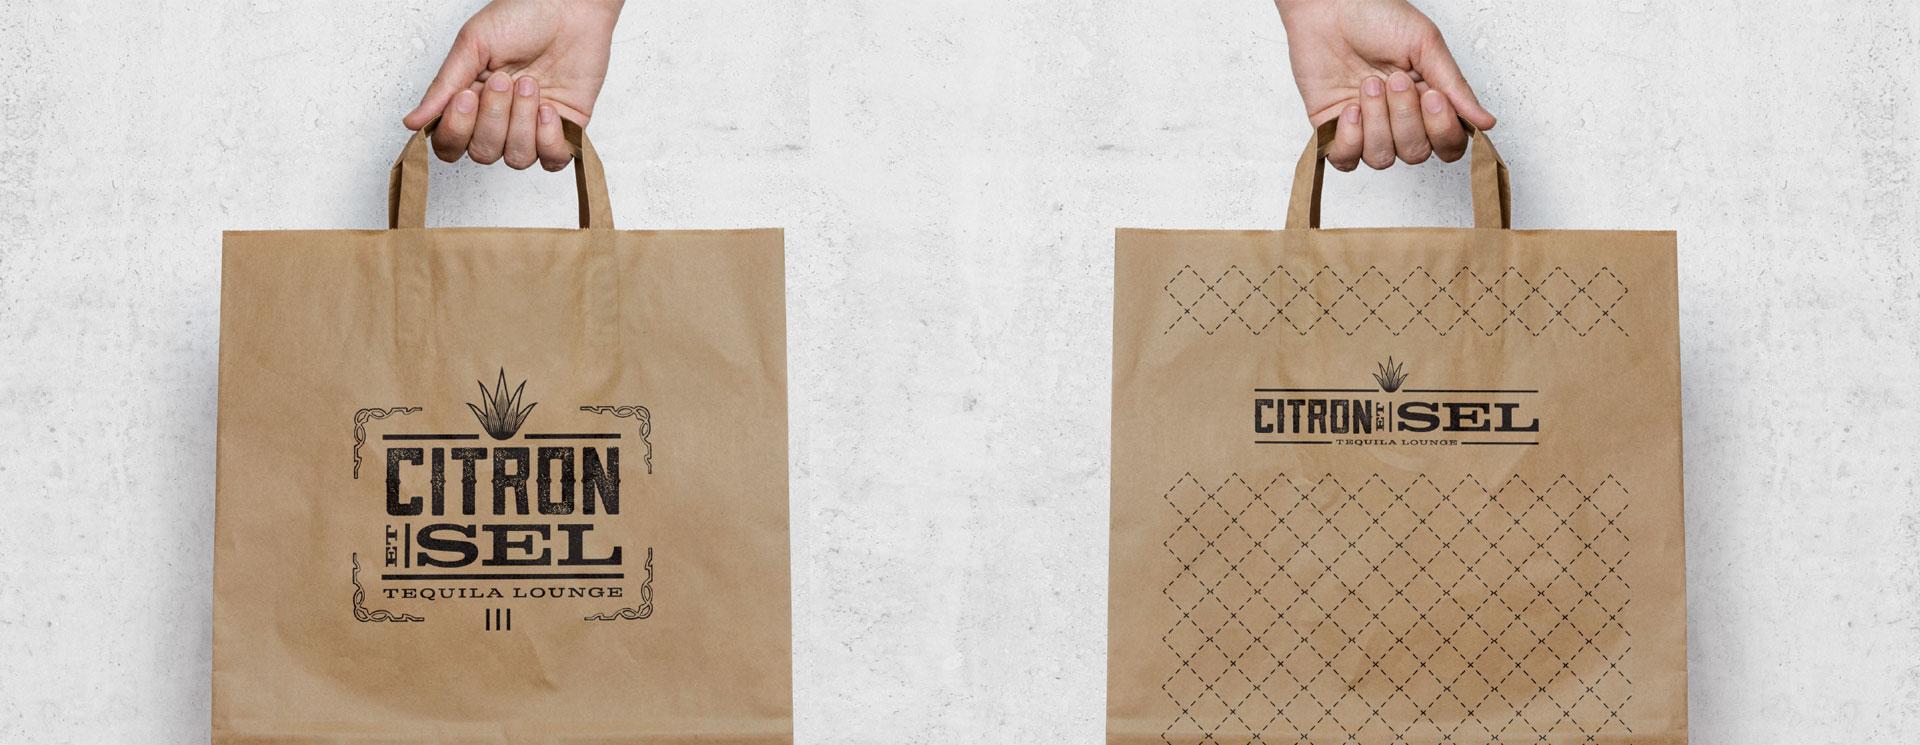 Citron et Sel - Brand Identity, Logo design, Branding, Print Design, Packaging